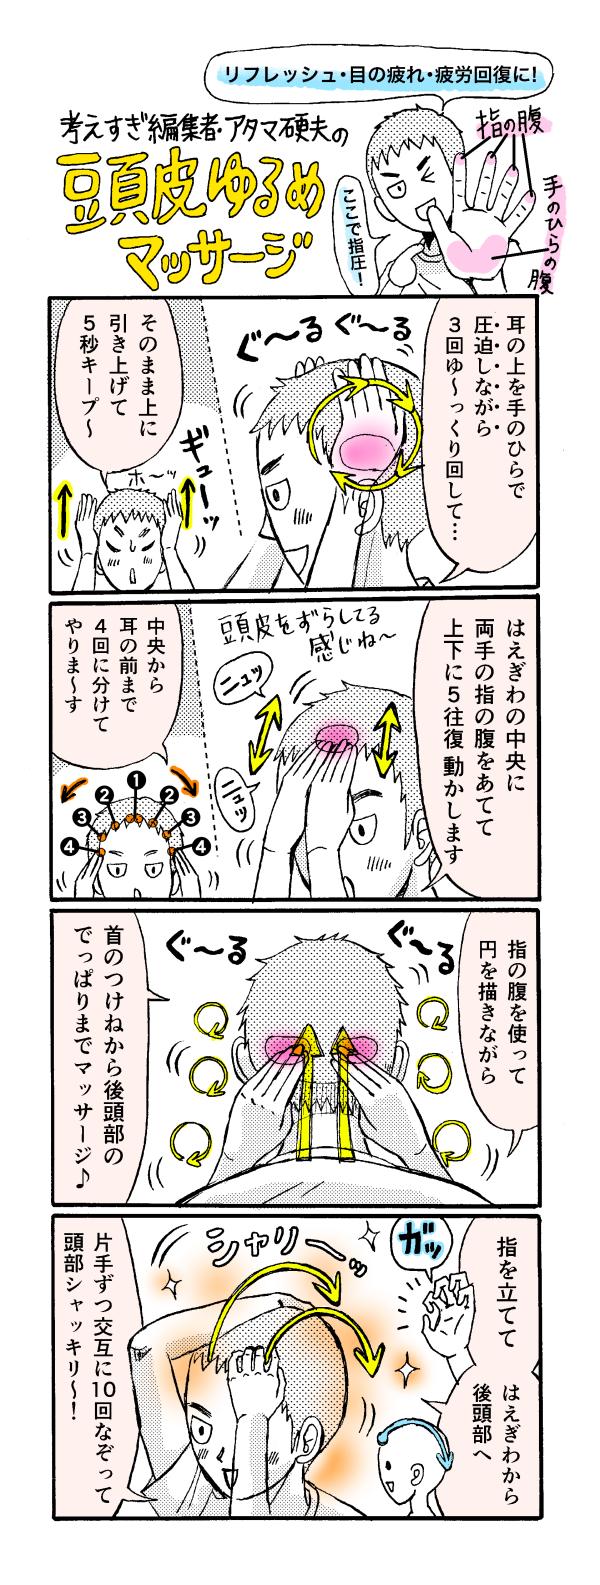 こり 頭皮 頭皮のコリにご用心!頭痛・不眠・薄毛に繋がる頭皮コリの解消法 |